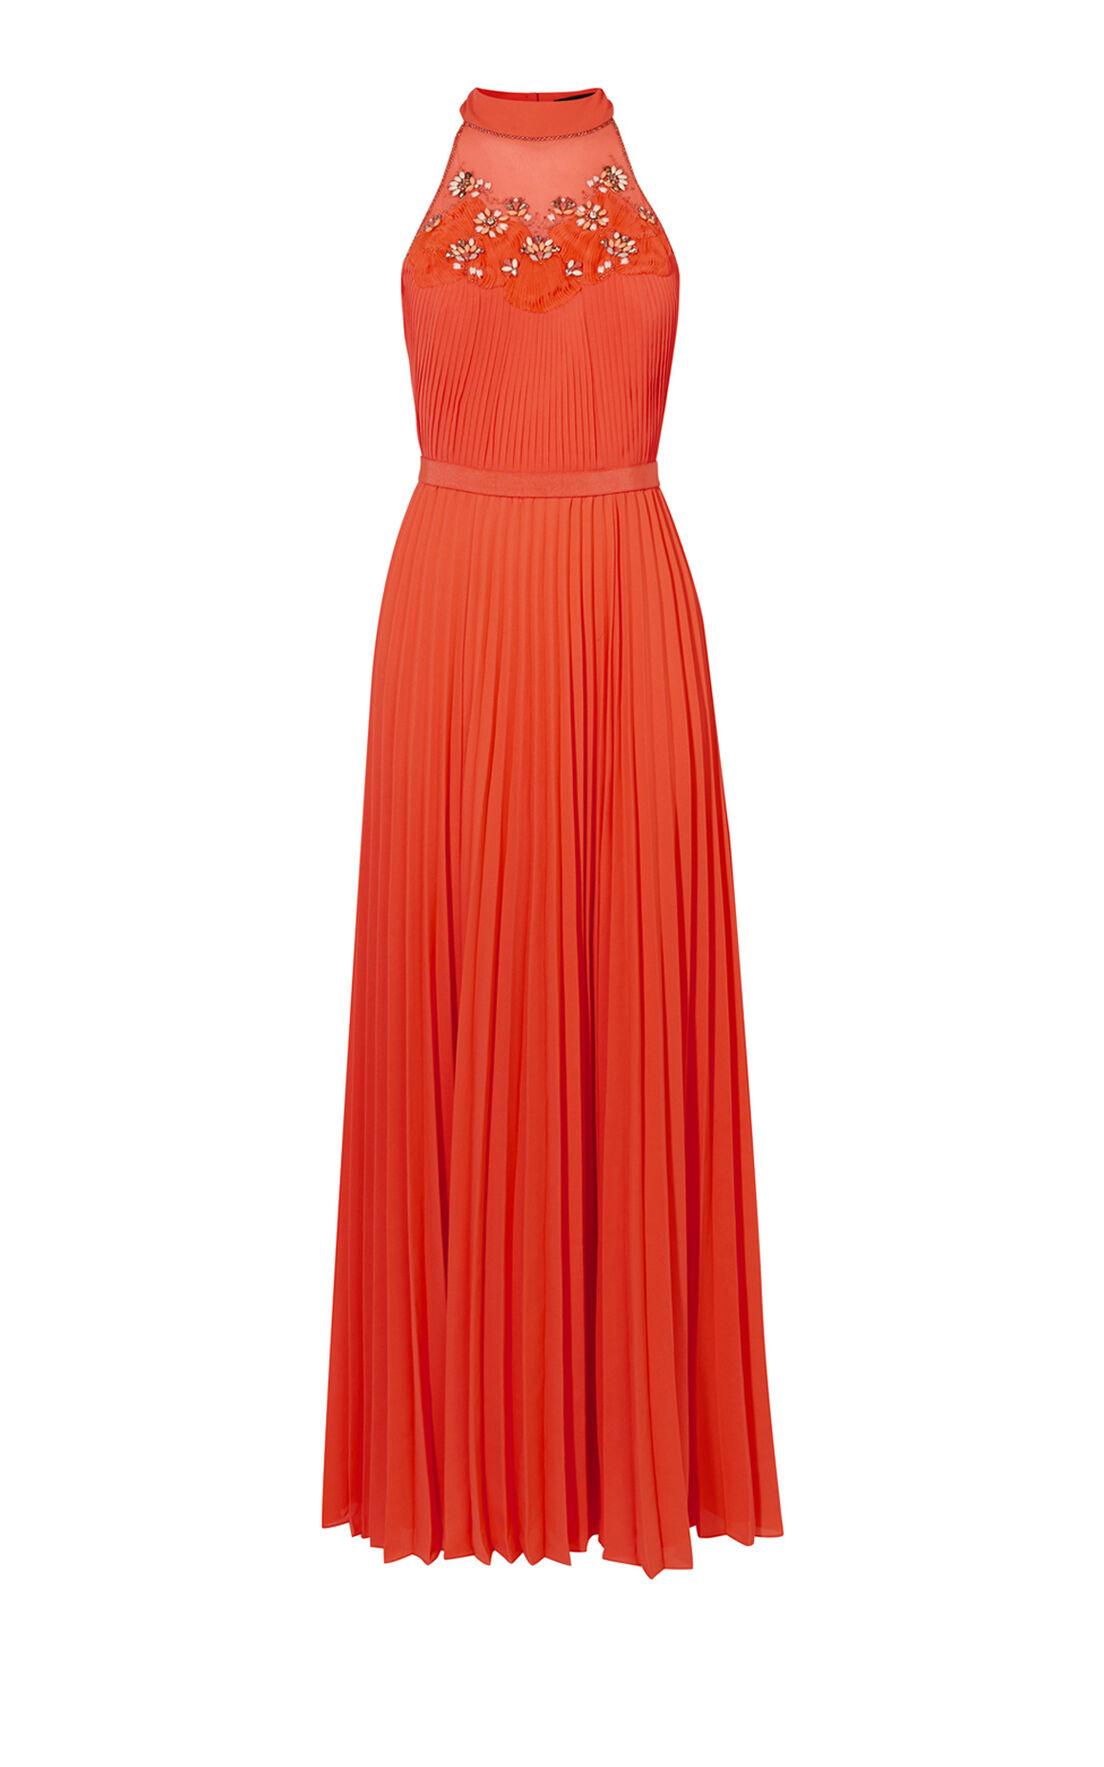 Karen Millen, JEWEL PLEATED MAXI DRESS Coral 0